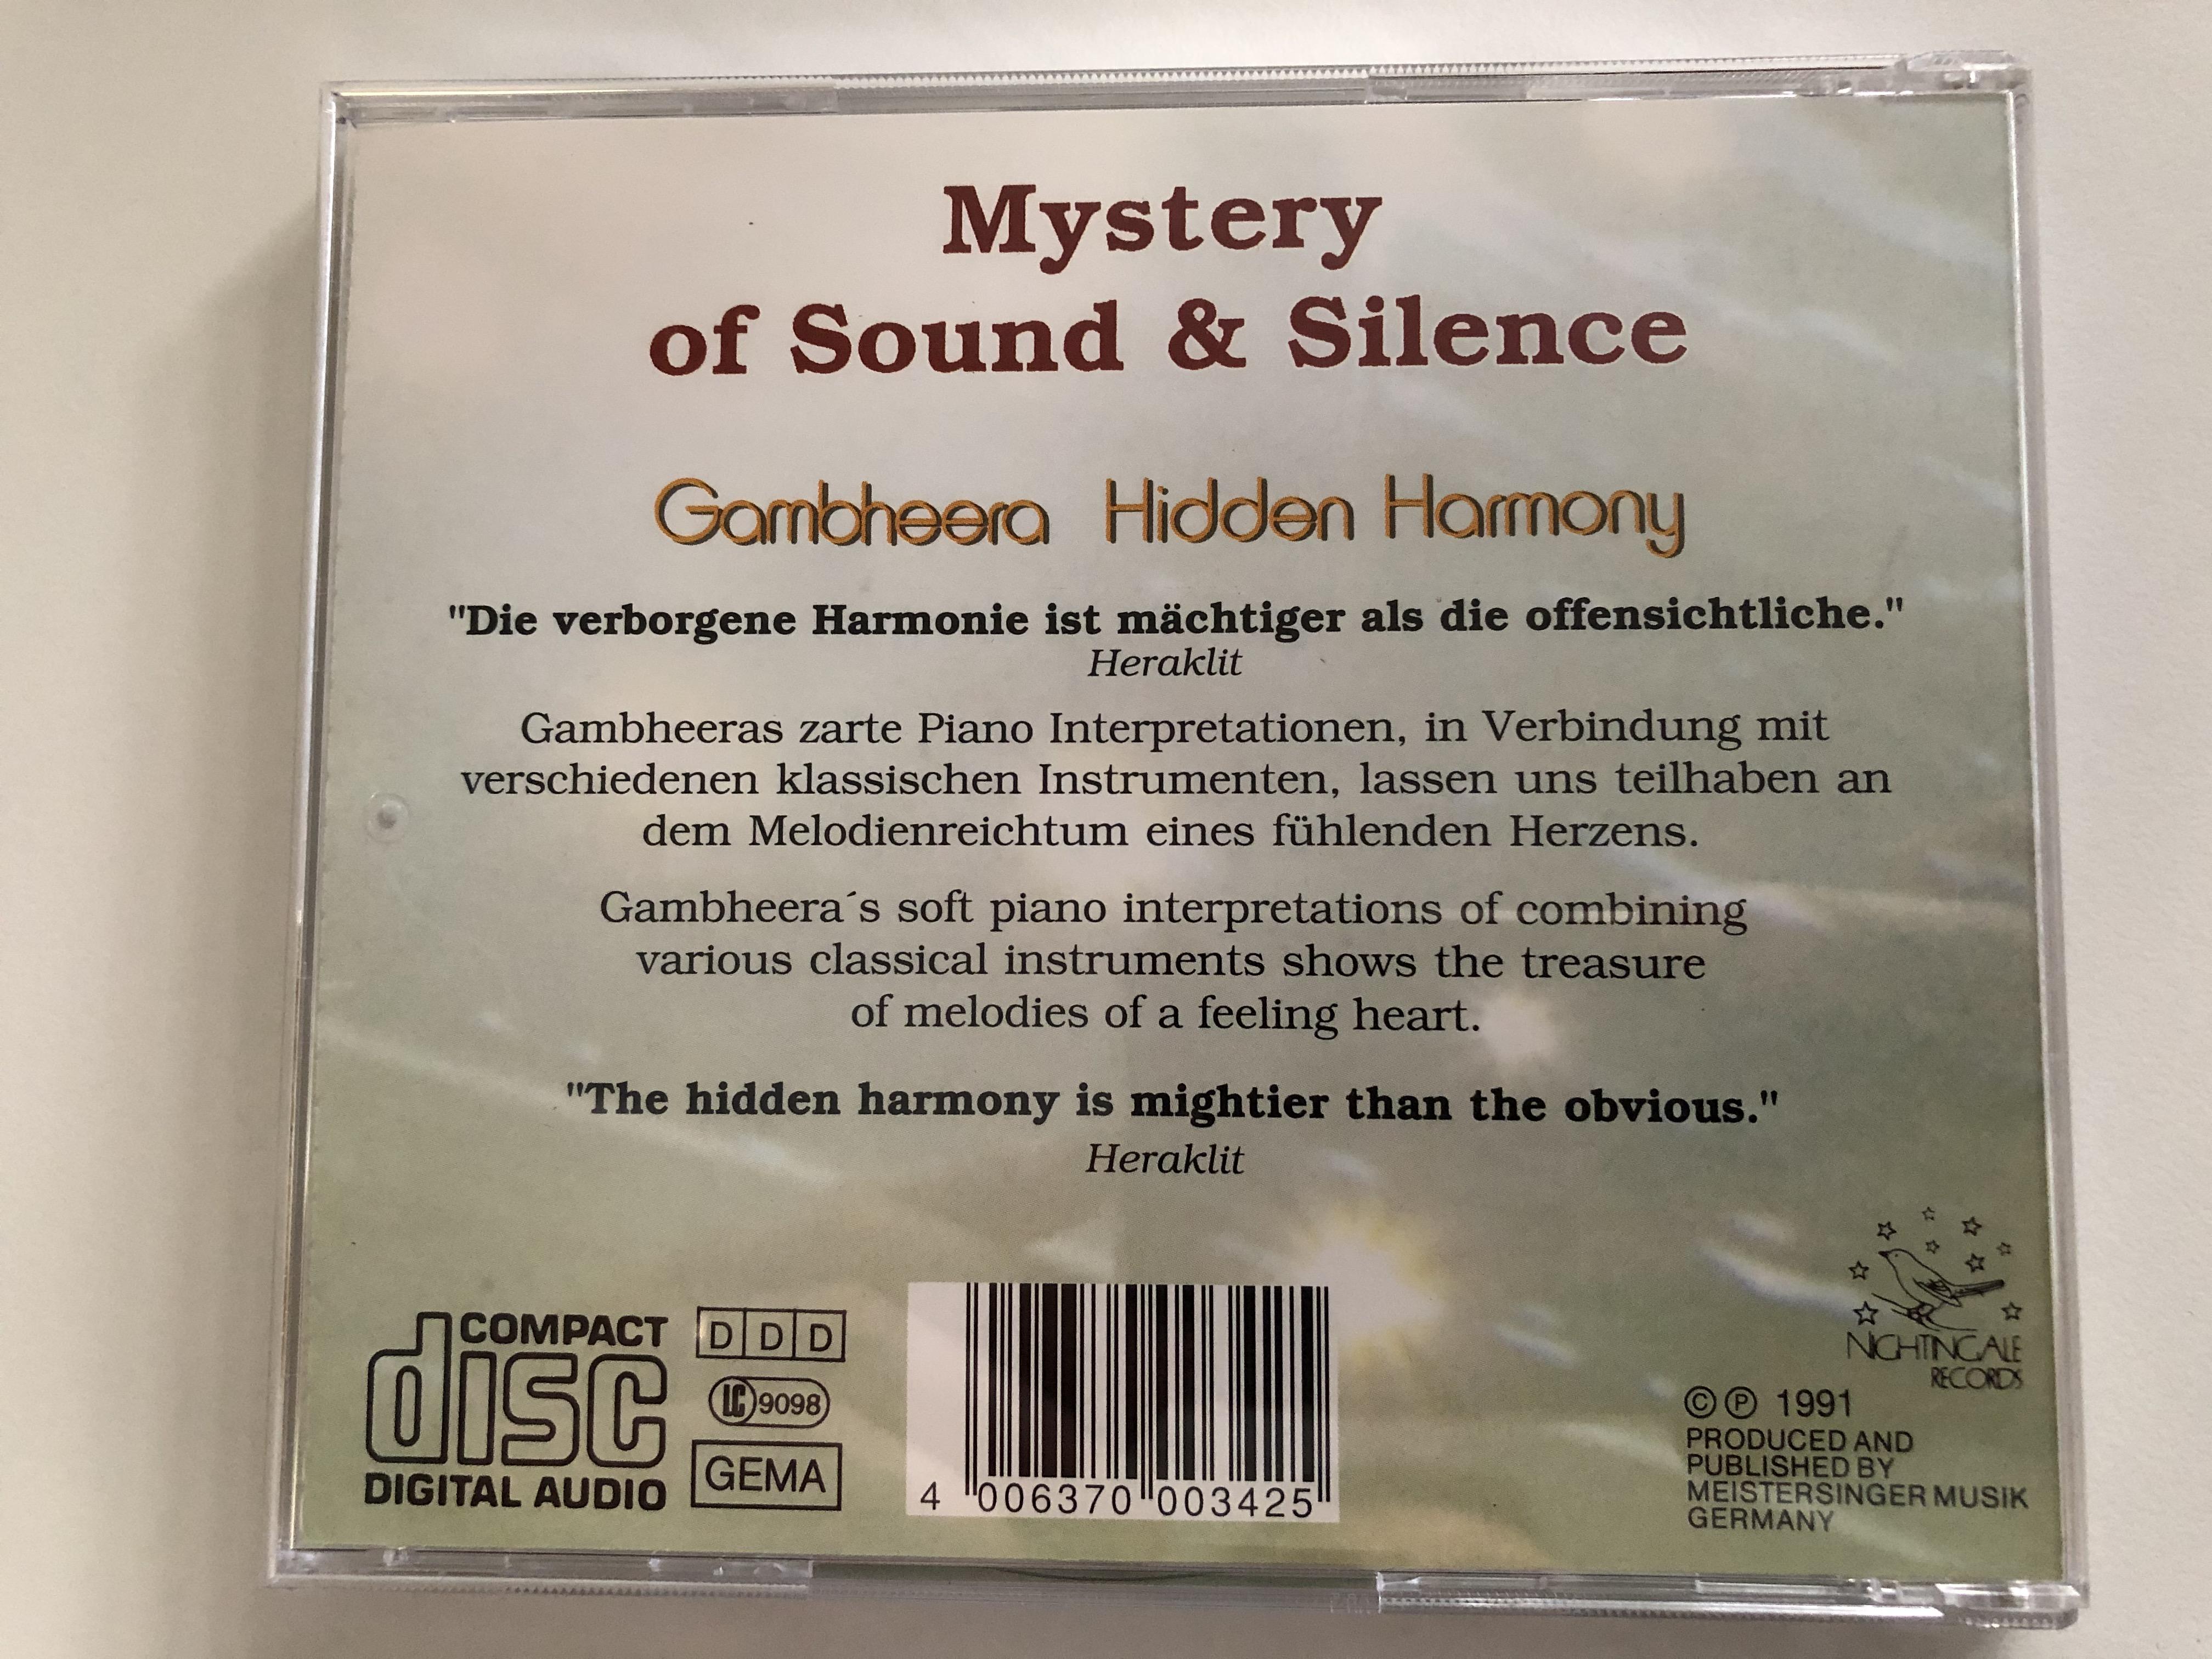 gambheera-hidden-harmony-nightingale-records-audio-cd-1991-ngh-cd-342-6-.jpg